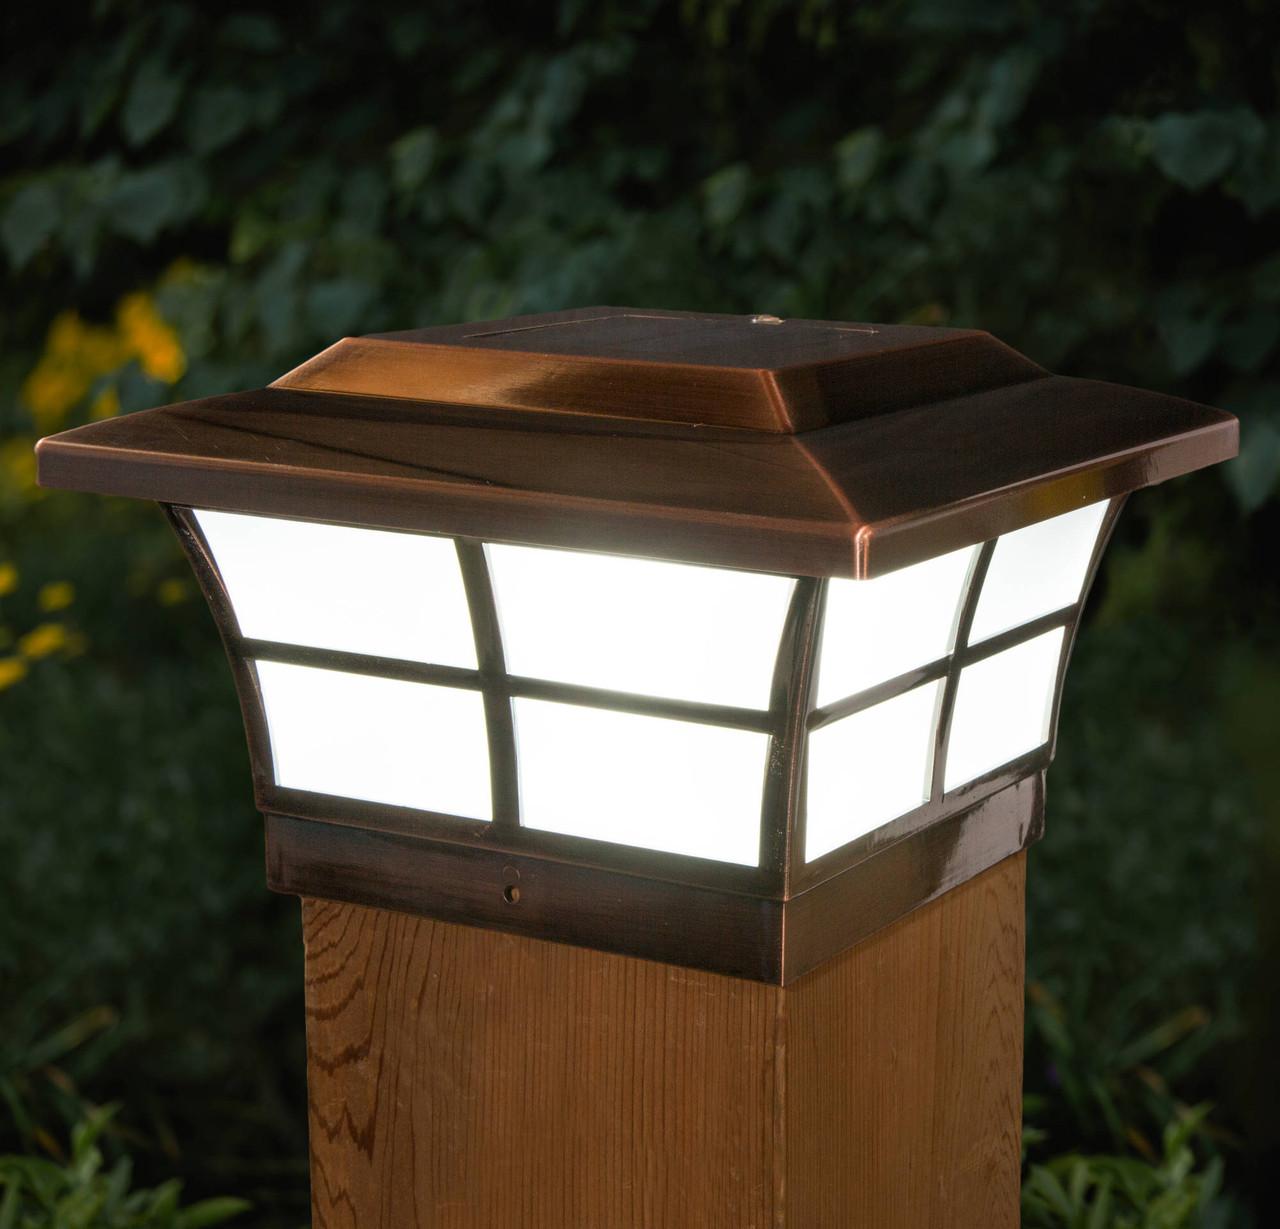 6x6 Copper Plated Prestige Solar Post Cap w/ Window Pane Design (SLO86)